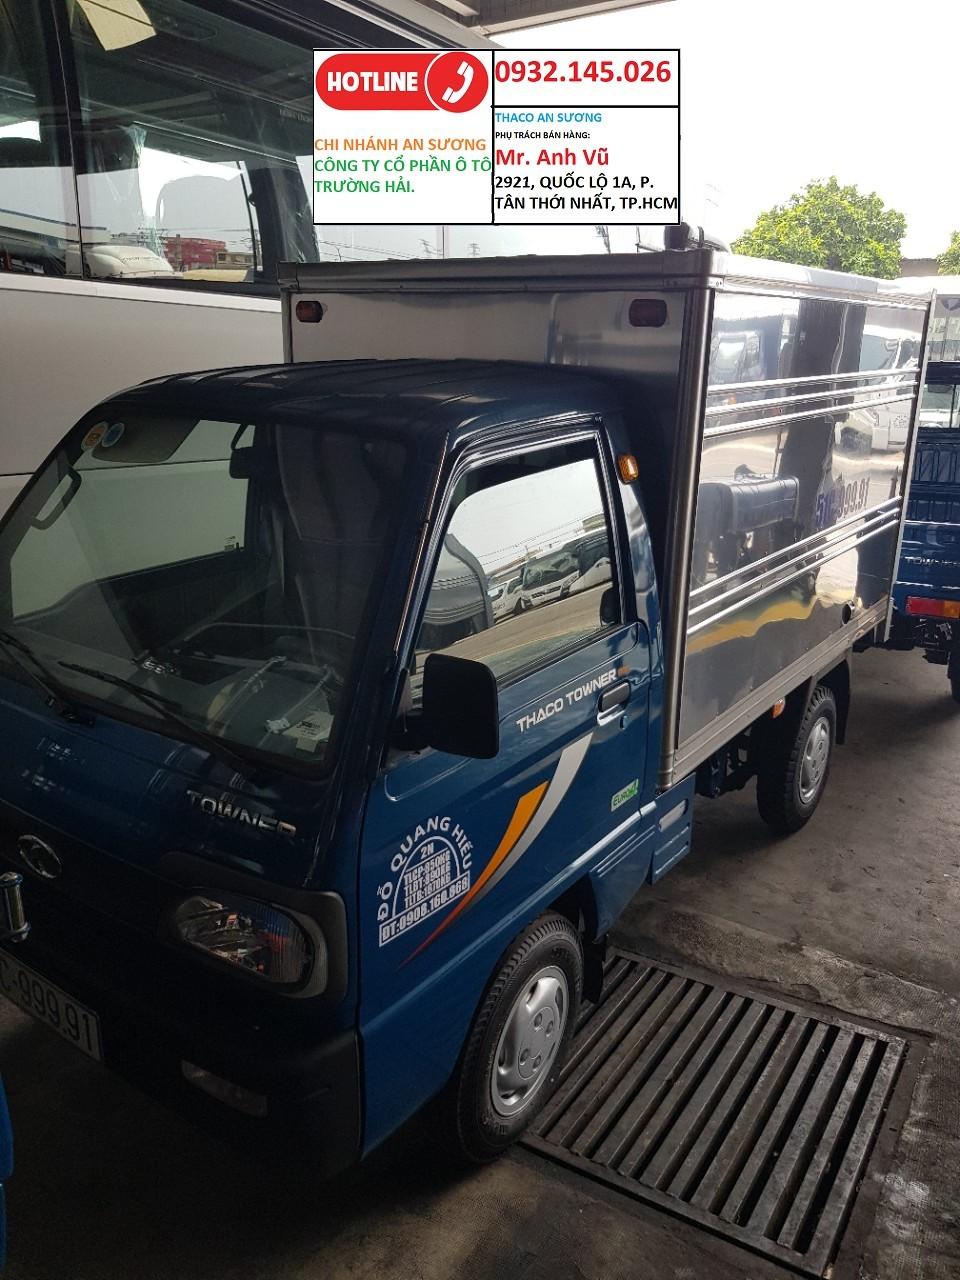 Trường Hải An Sương. Xe tải THACO TOWNER 800 tải 900 Kg TRẢ GÓP 80%. Xe GIAO NGAY. Xe tải THACO TOWNER 800 tải 900 Kg. Ảnh số 41906737